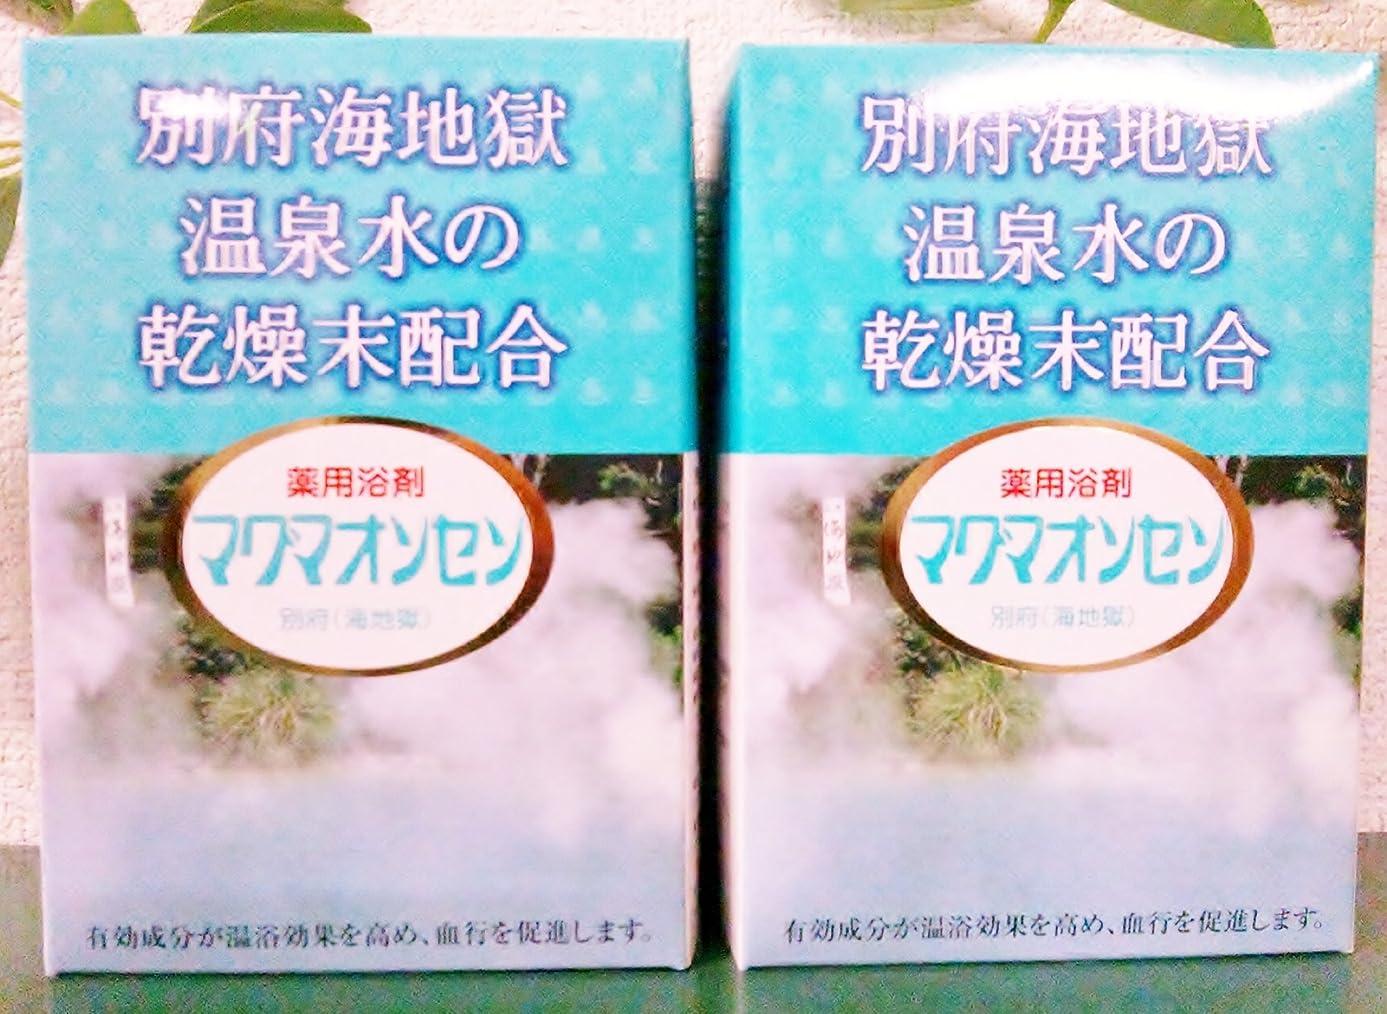 処理オーラル海洋の薬用浴剤マグマオンセン 21包入り 2箱セット